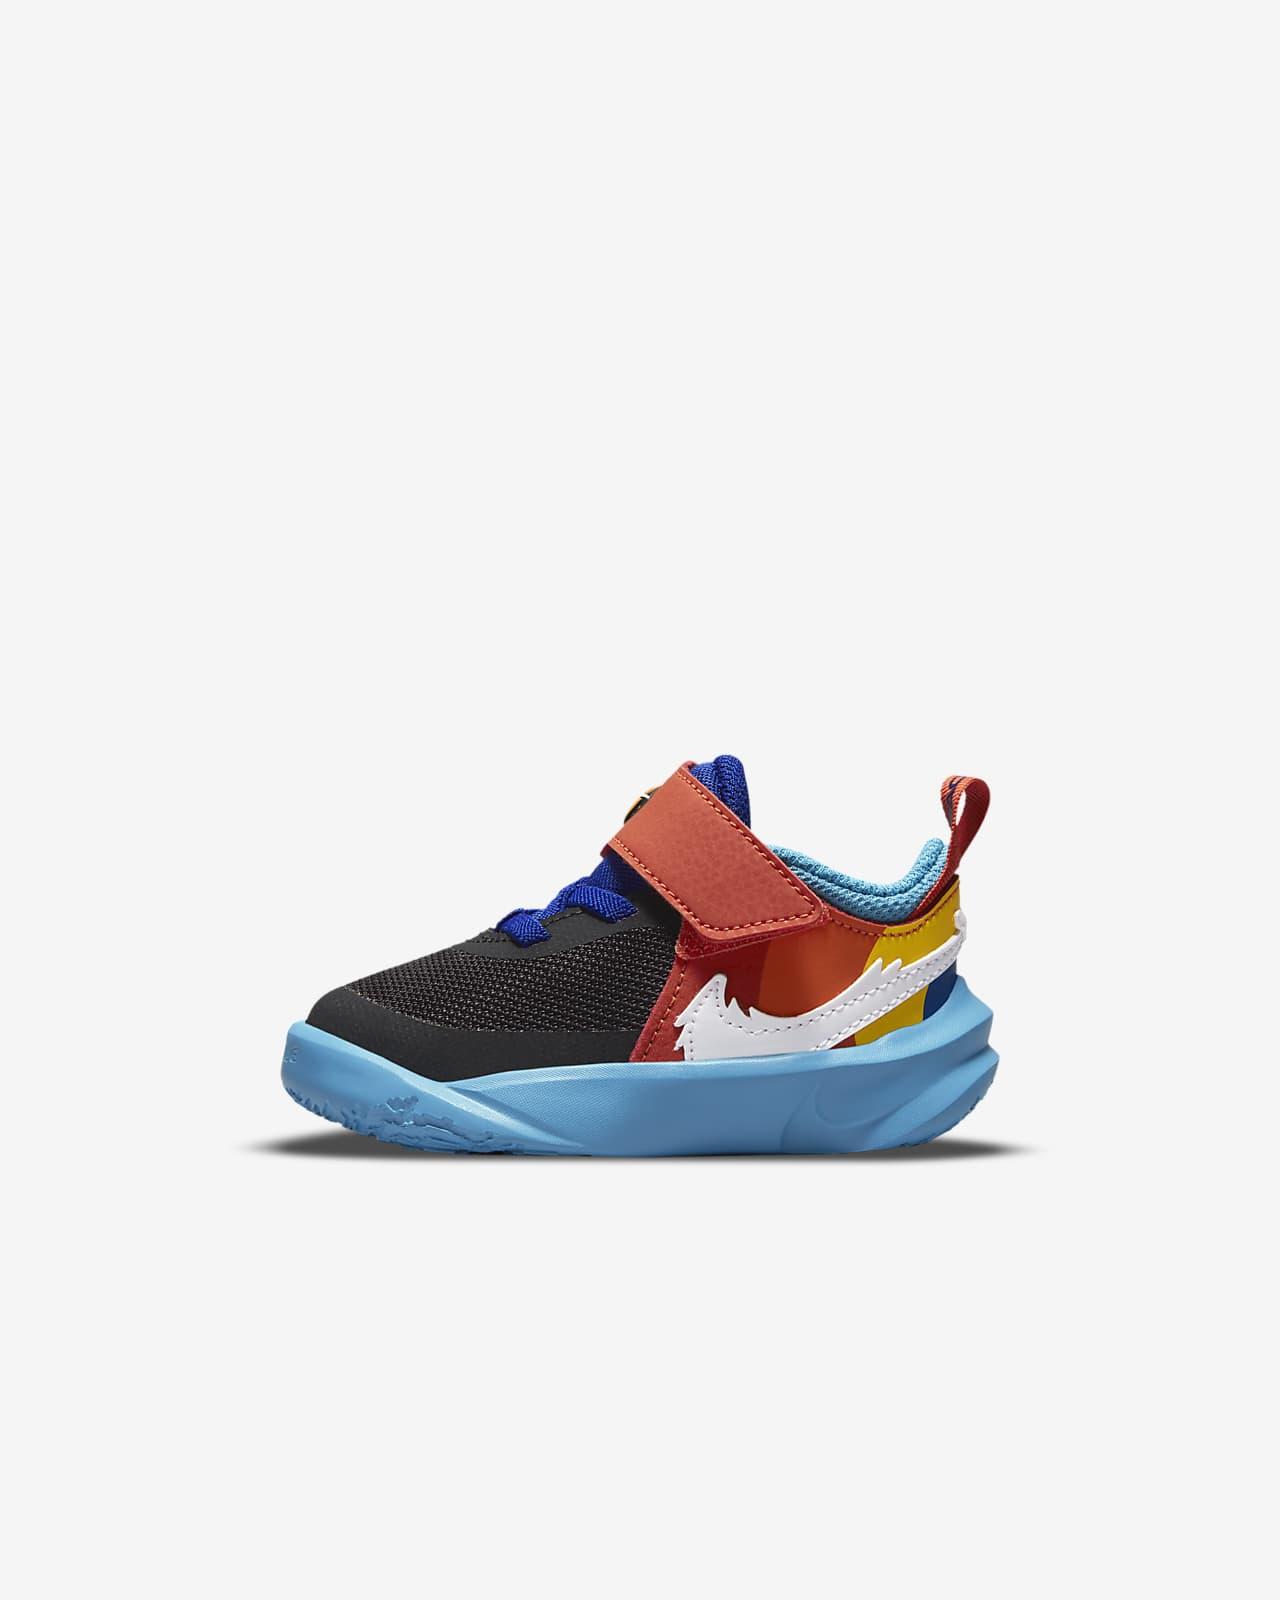 Nike Team Hustle D 10 SE x Space Jam: A New Legacy sko til sped-/småbarn